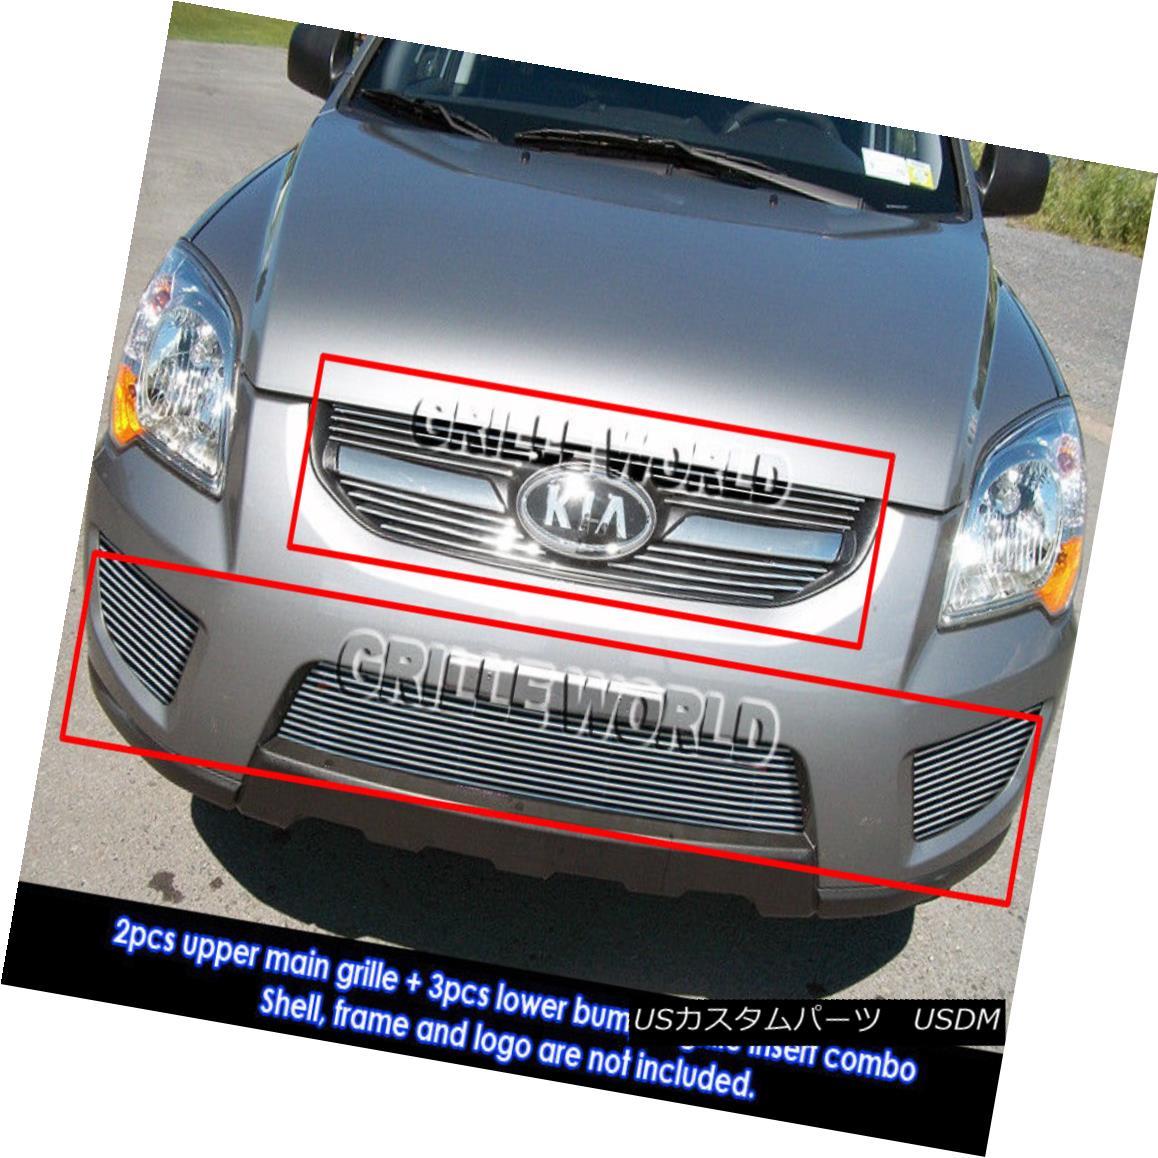 グリル Fits 09-10 Kia Sportage LX Billet Grille Grill Combo Insert 09-10 Kia Sportage LXビレットグリルグリルコンボインサートにフィット